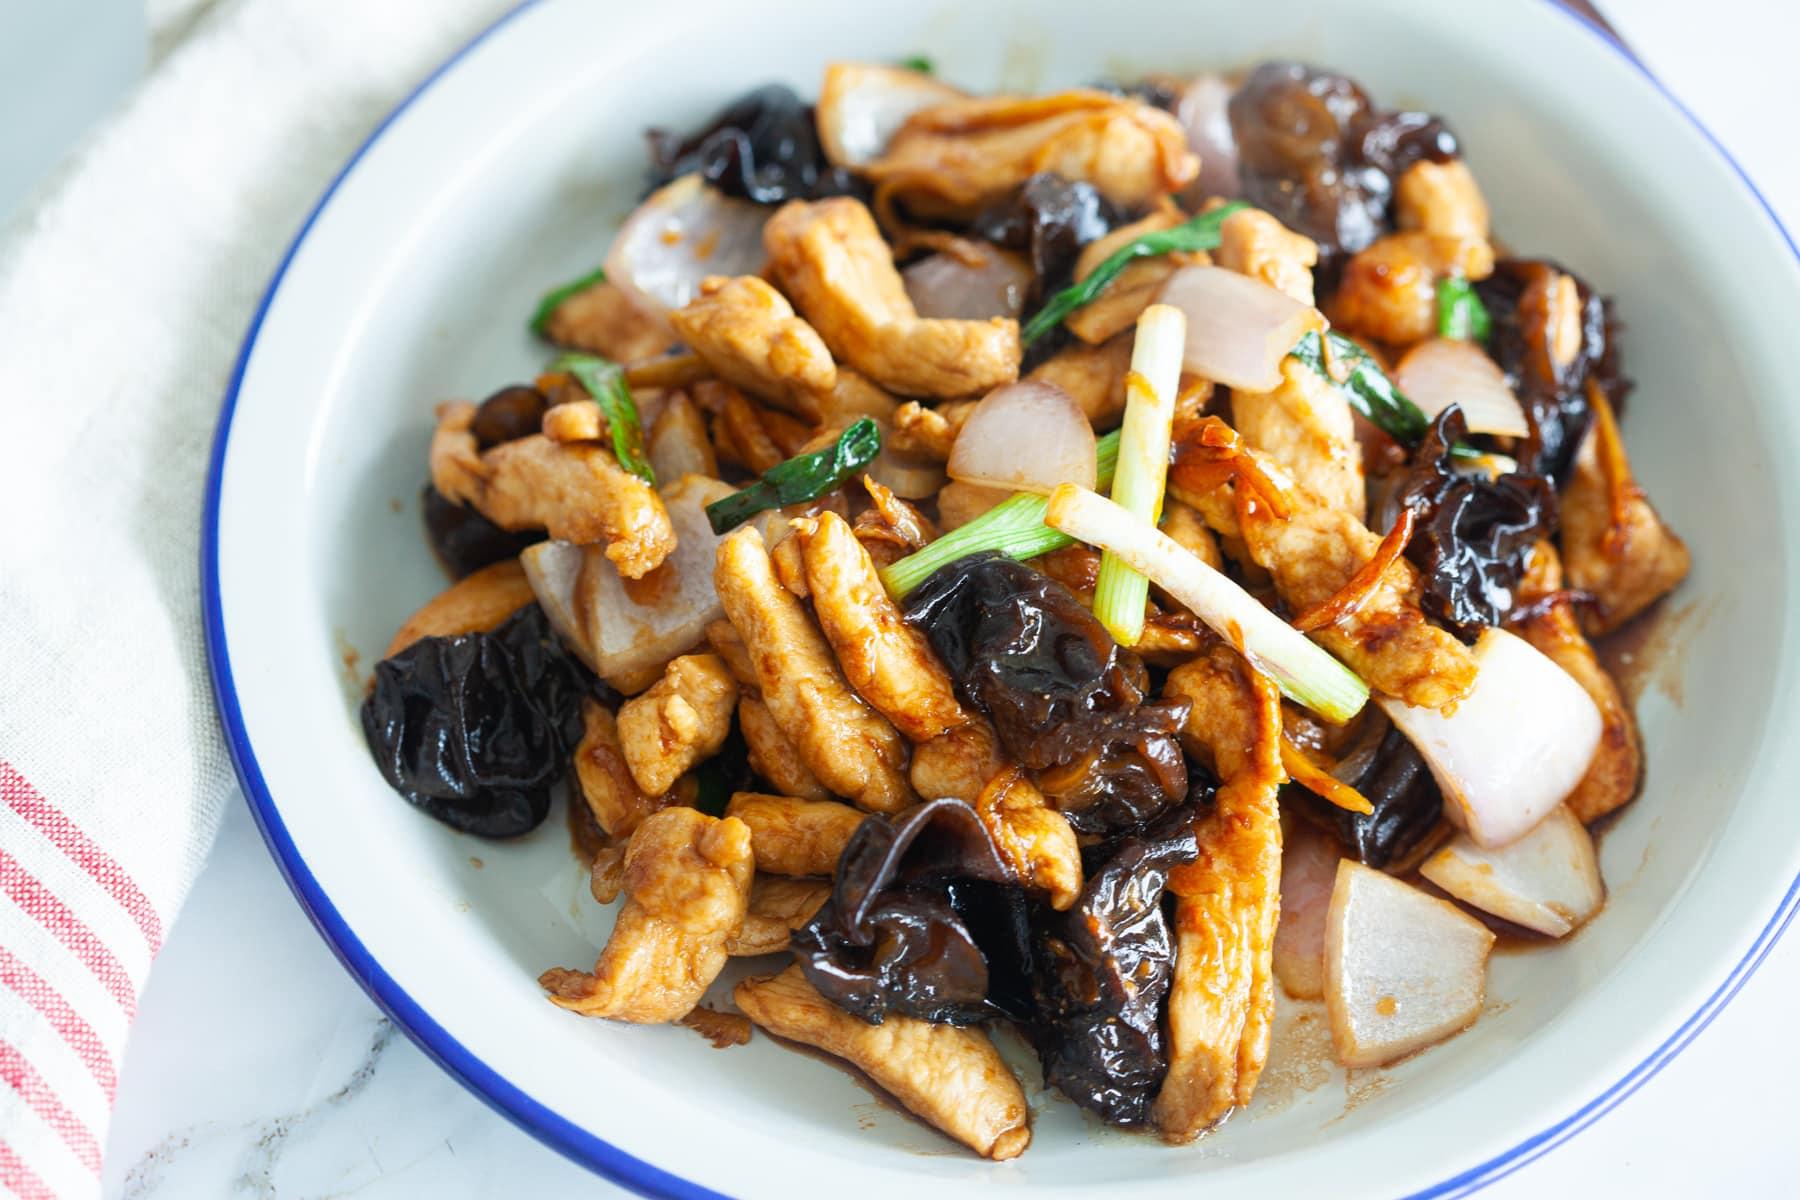 Poulet au gingembre et aux champignons noirs